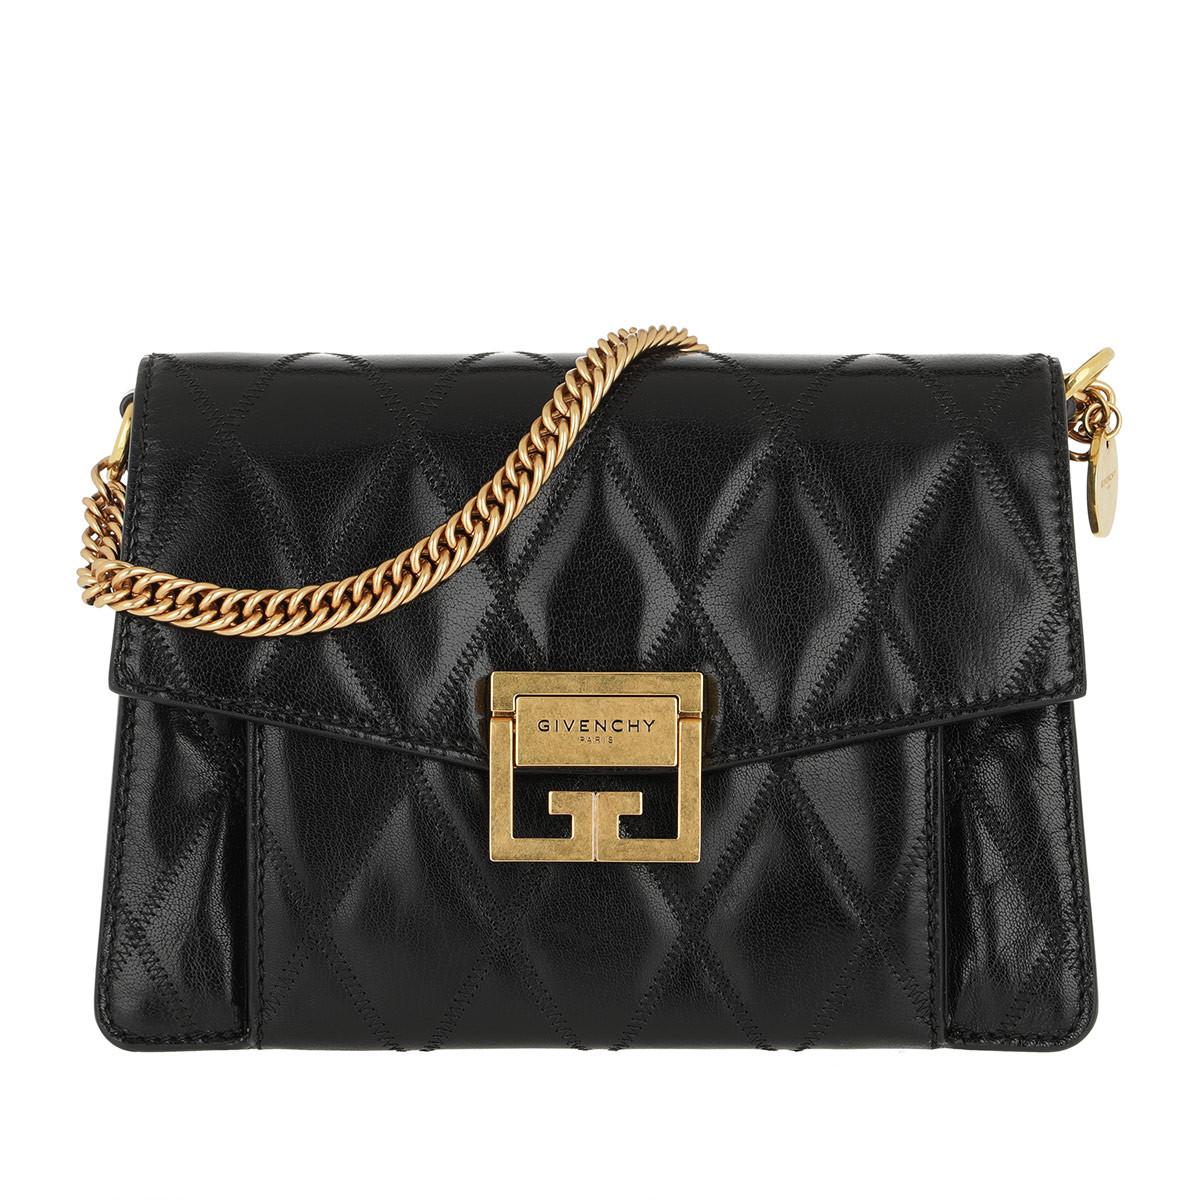 Givenchy Umhängetasche - Small GV3 Bag Diamond Quilted Leather Black - in schwarz - für Damen